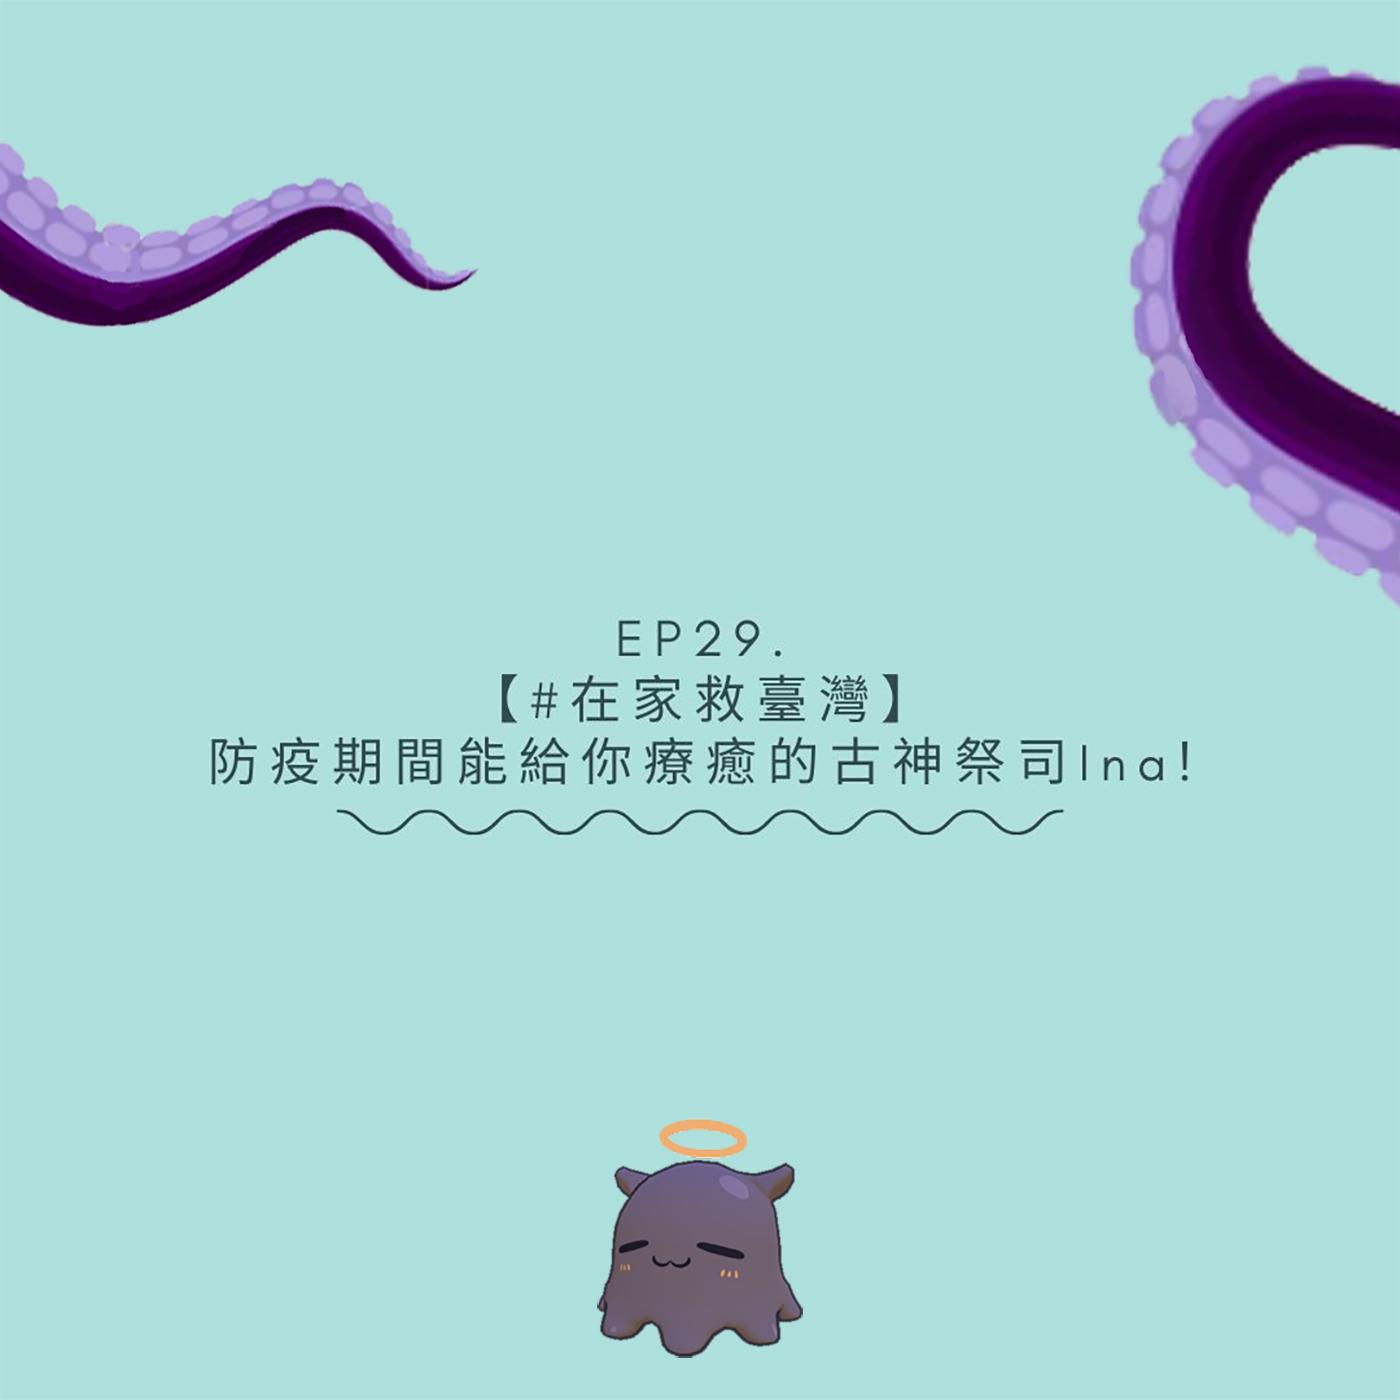 EP29-【#在家救臺灣】防疫期間能給你療癒的古神祭司Ina!